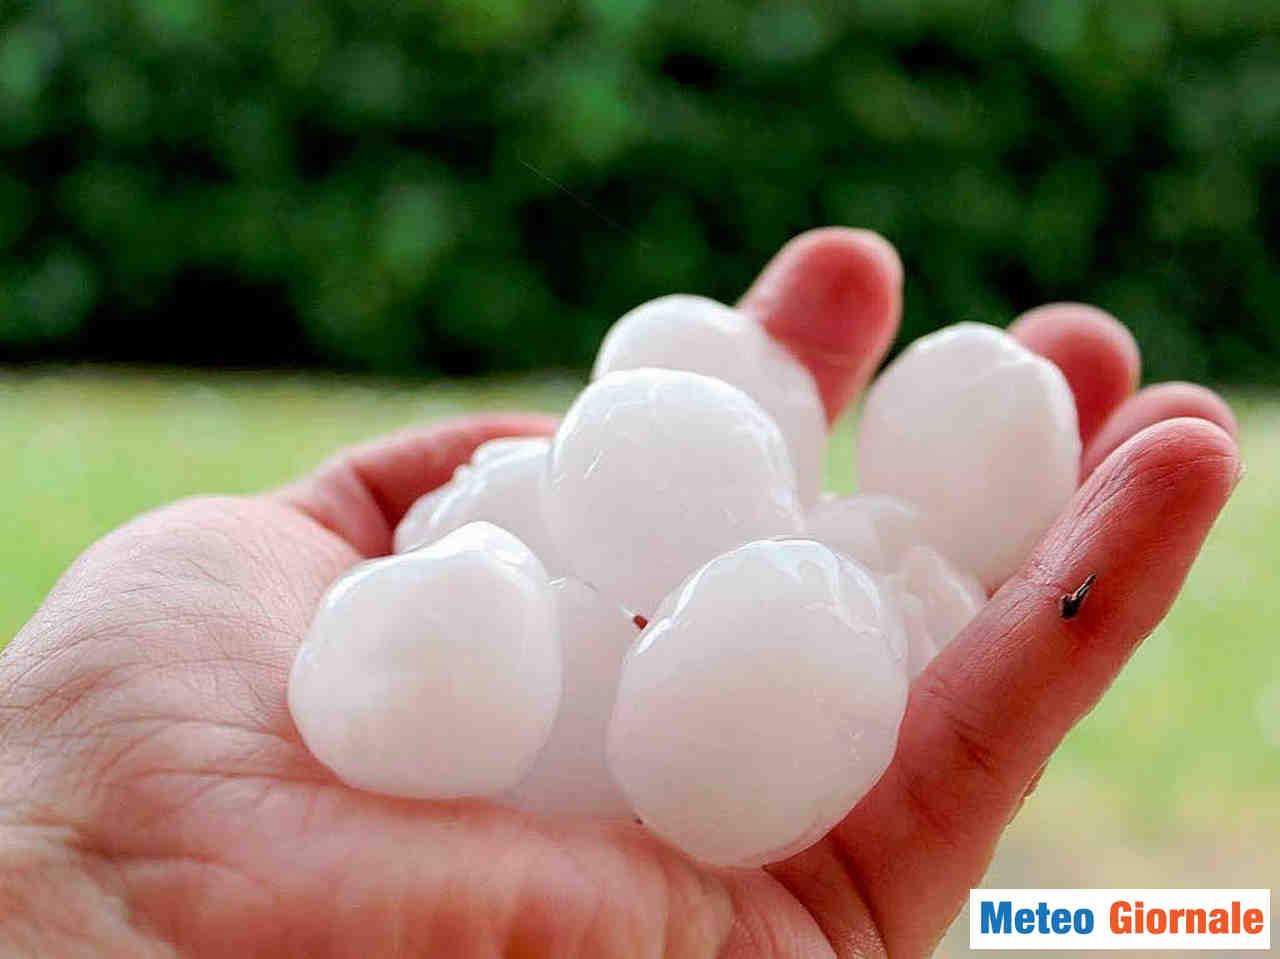 meteo giornale 00001 - Meteo: imminenti i forti temporali primaverili